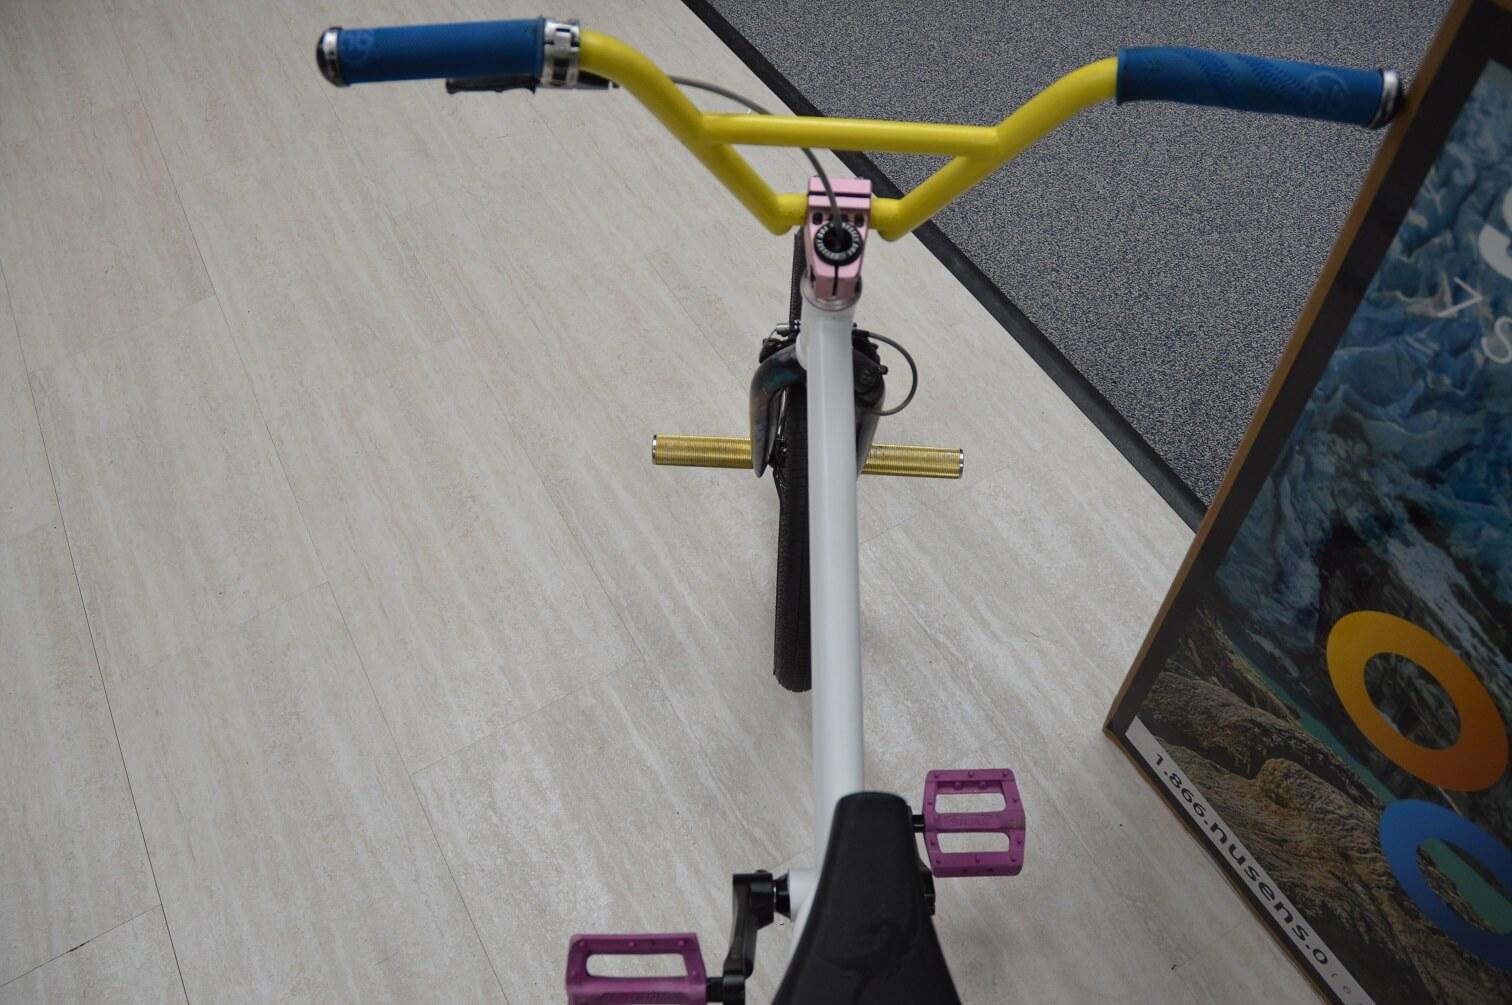 Bicycle wrap - handle